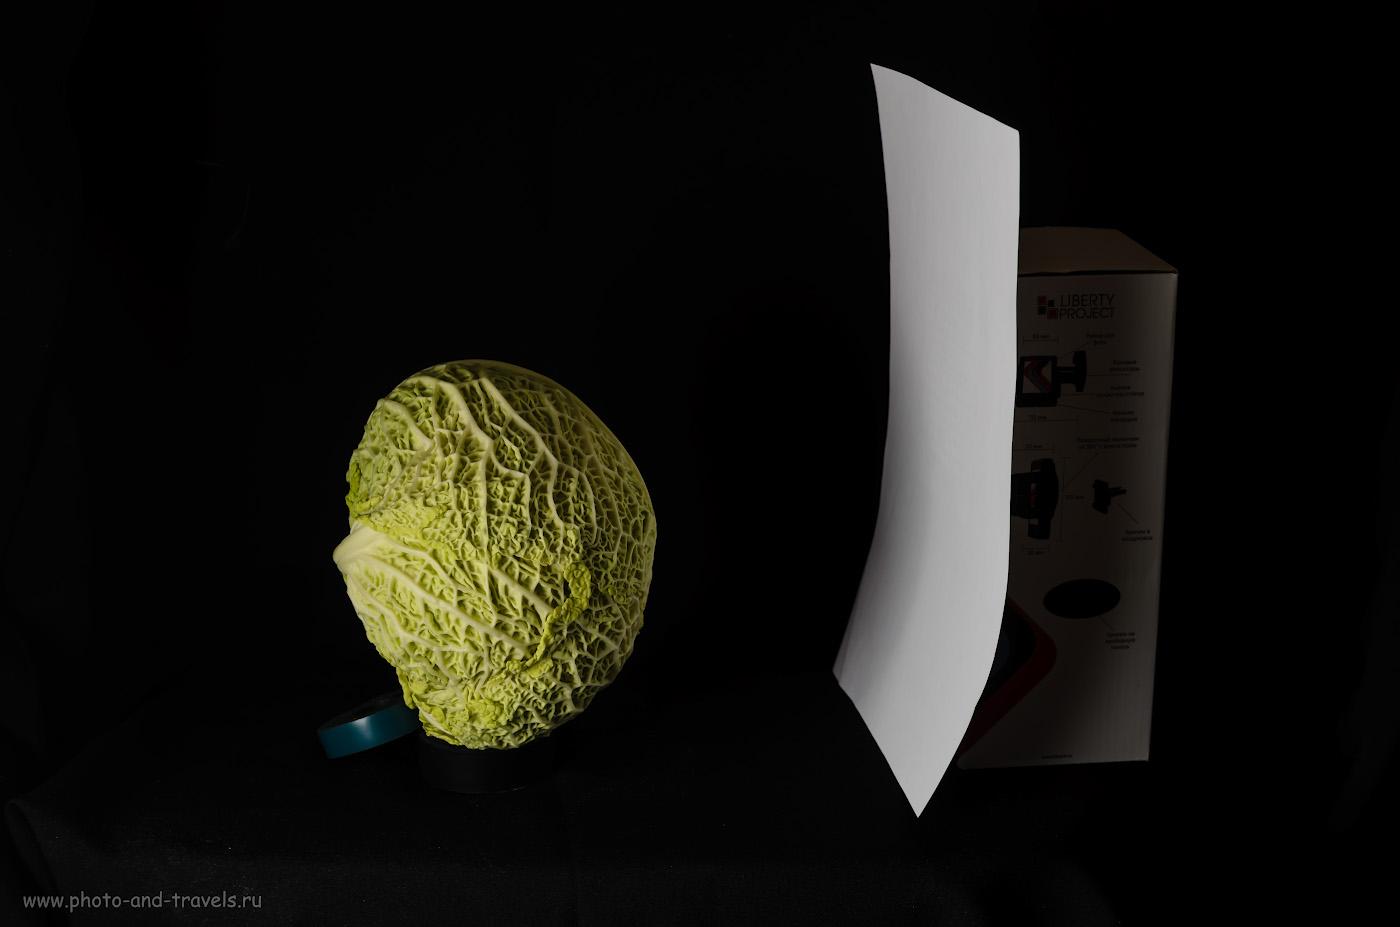 Фотография 5. Фотографируем капусту на черном фоне. Справа – белый отражатель для подсветки теней. Снято на любительскую зеркалку Никон Д5100 с зумом Никон 17-55/2.8. Освещение - от софтбокса с двумя вспышками Yongnuo YN-685N. Управление от трансмиттера Yongnuo YN-622N-TX.